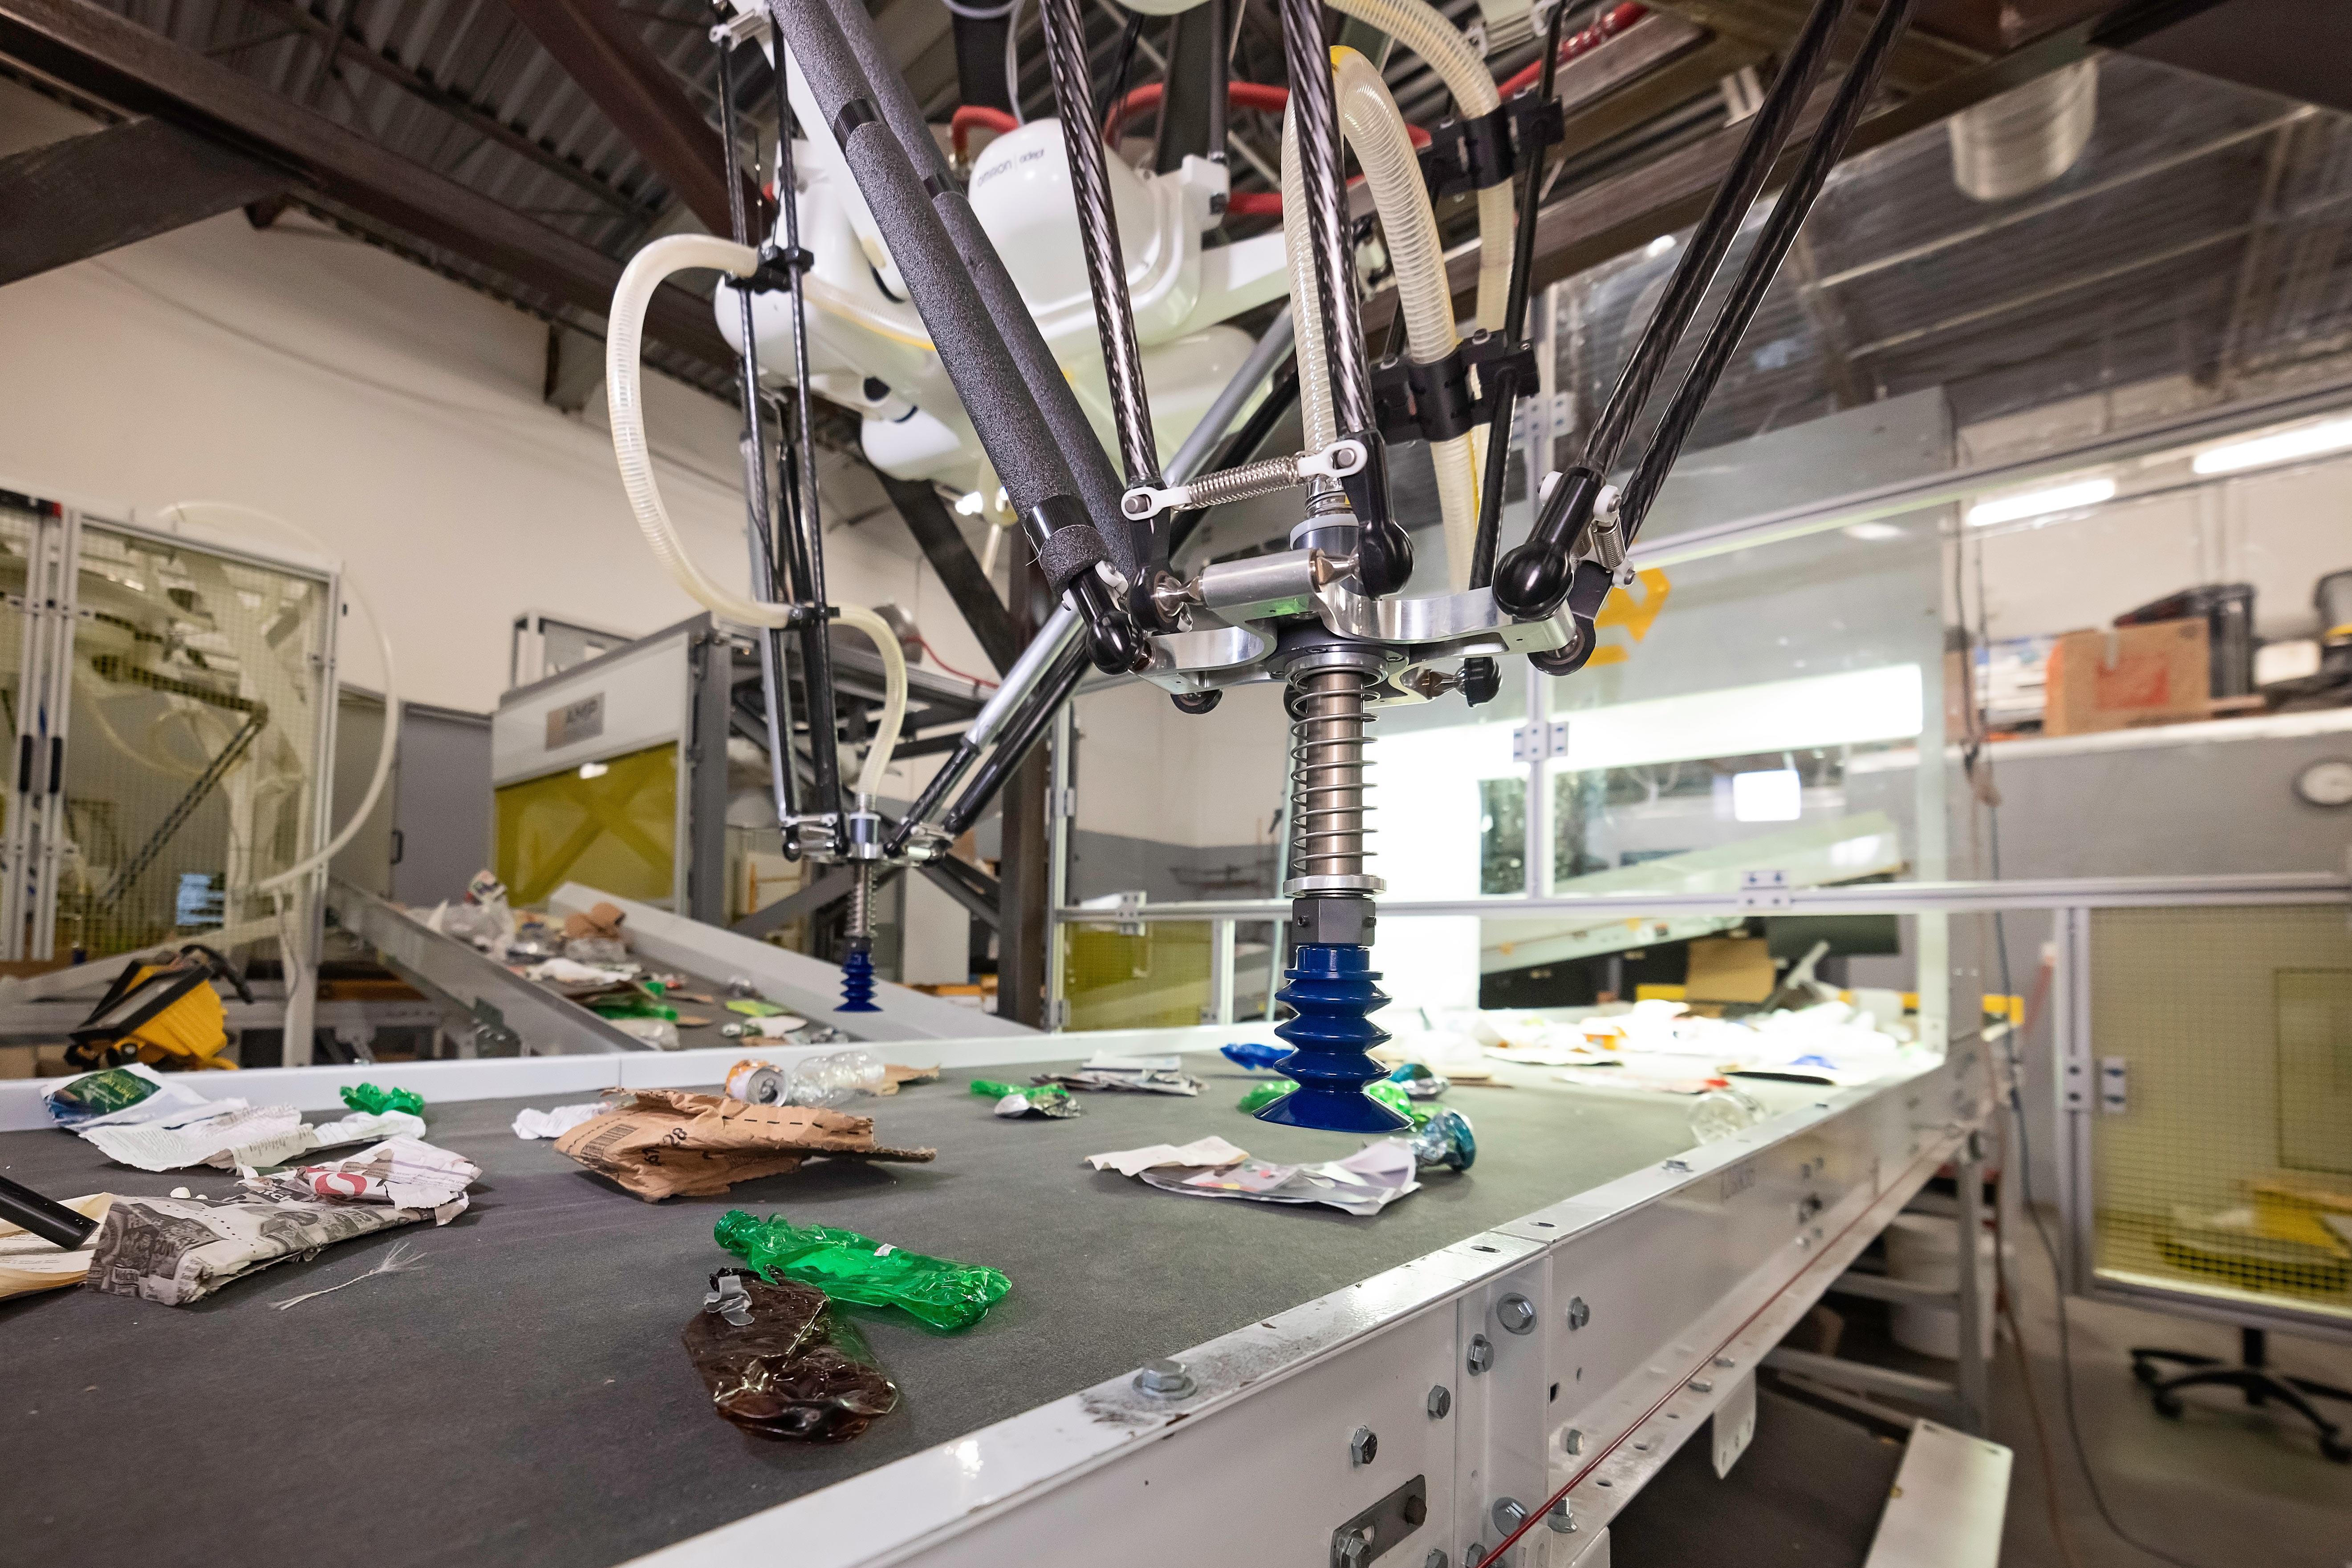 AMP Robotics' recycling robot